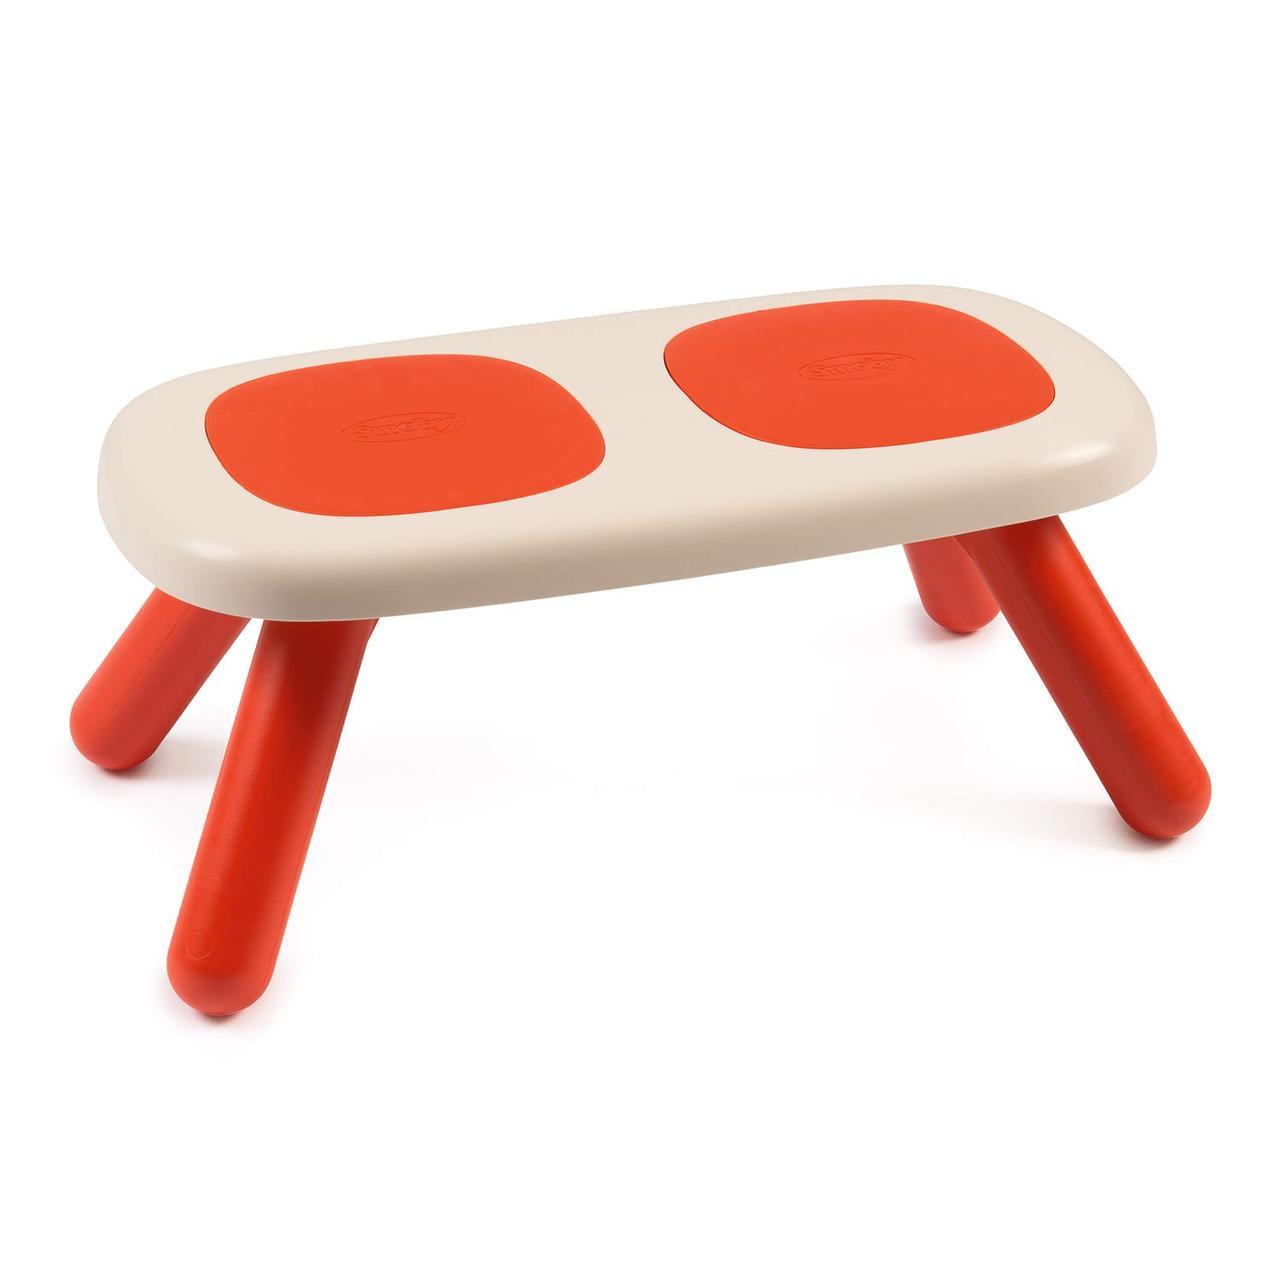 Лавочка без спинки детская Smoby Toys Красная 880303